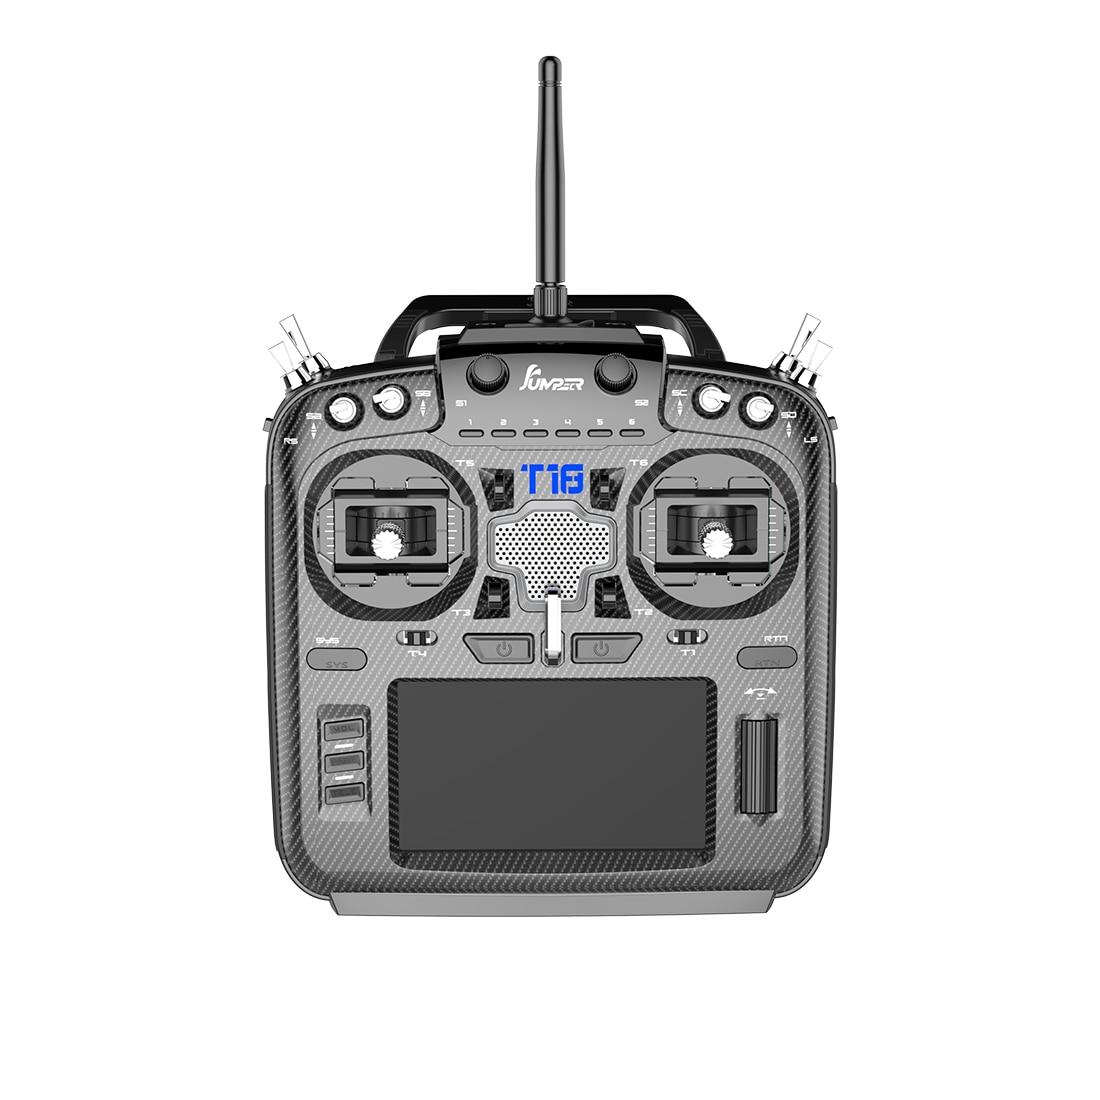 Мультипротокольный радиопередатчик Jumper T18 JP5IN1, с открытым исходным кодом, 2,4G, 915 МГц, 16 каналов, 4,3 дюйма, ЖК-дисплей, для FPV Drone